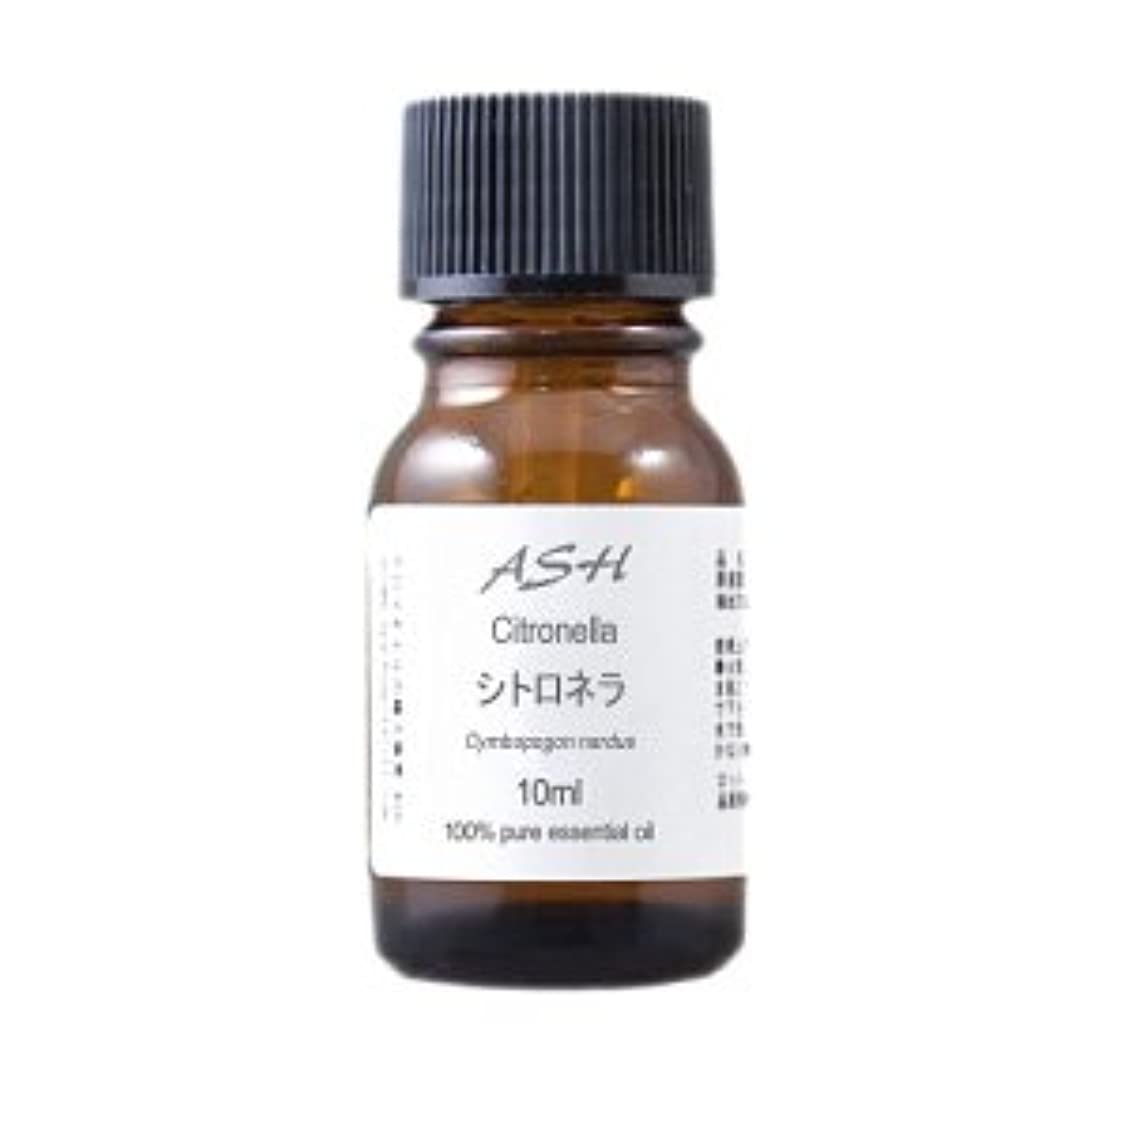 欠かせない日曜日月曜ASH シトロネラ エッセンシャルオイル 10ml AEAJ表示基準適合認定精油